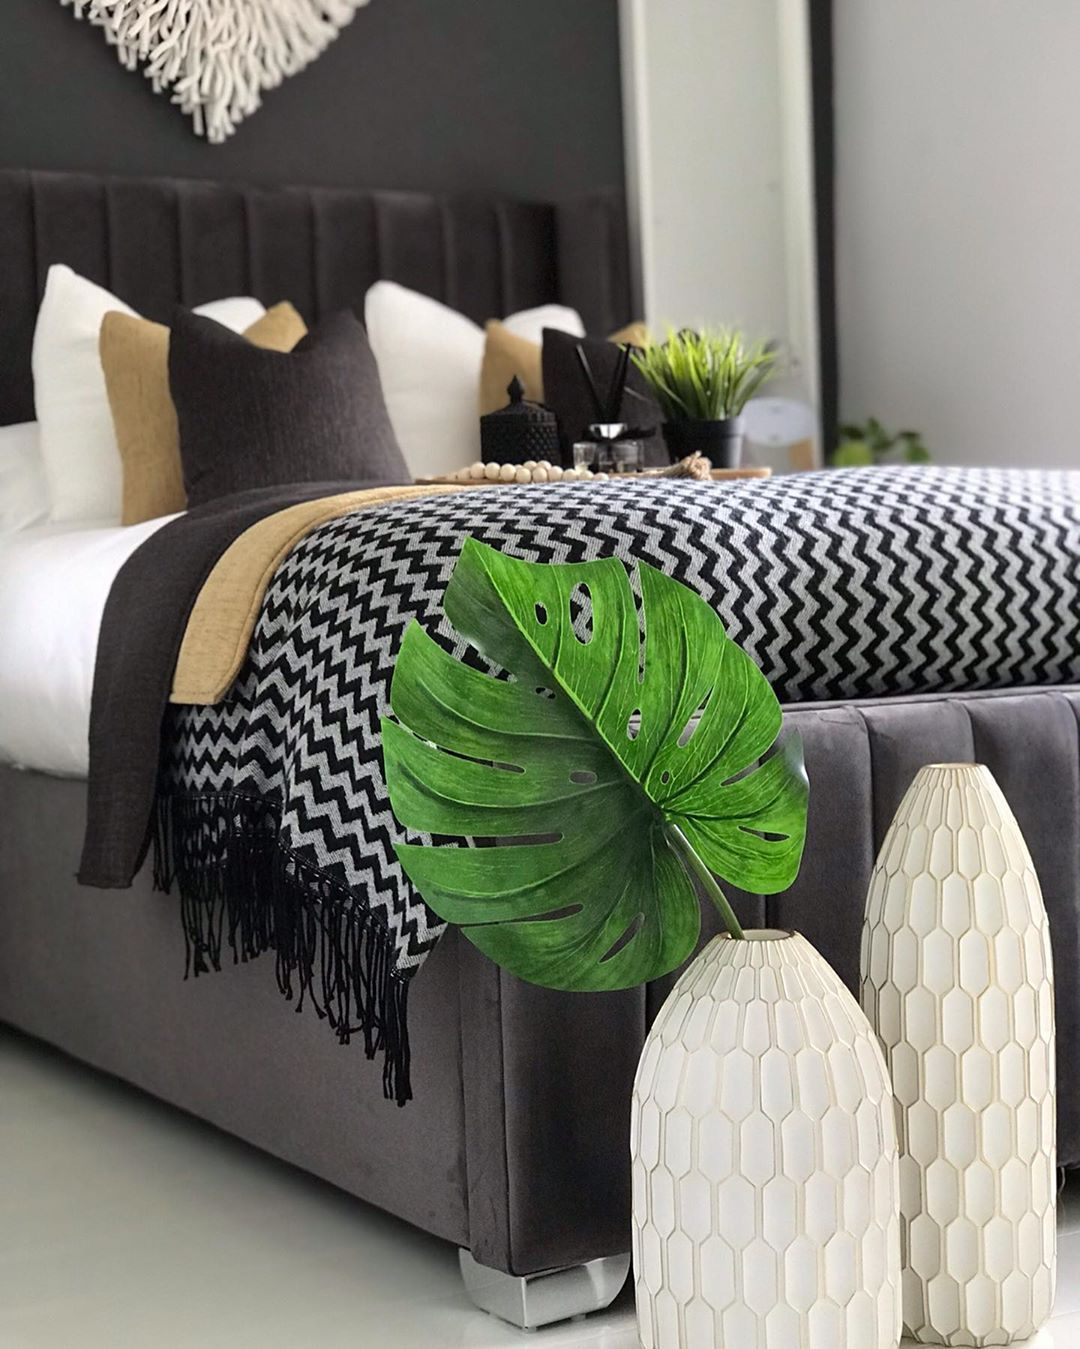 Half way to weekend .. .#bedroomdecor #bedroomideas #gifted #bedroomdecoration #homeinterior  #homedesign #modernhomedecor #interiør #interiorinspiration #homedecor #scandanaviandesign #homelovers #modernbedding #interiör #minimalhome #homeinterior4you #modernbedroom #modernbedding #scandinaviandesign #scandinavianstyle #scandinavianhome